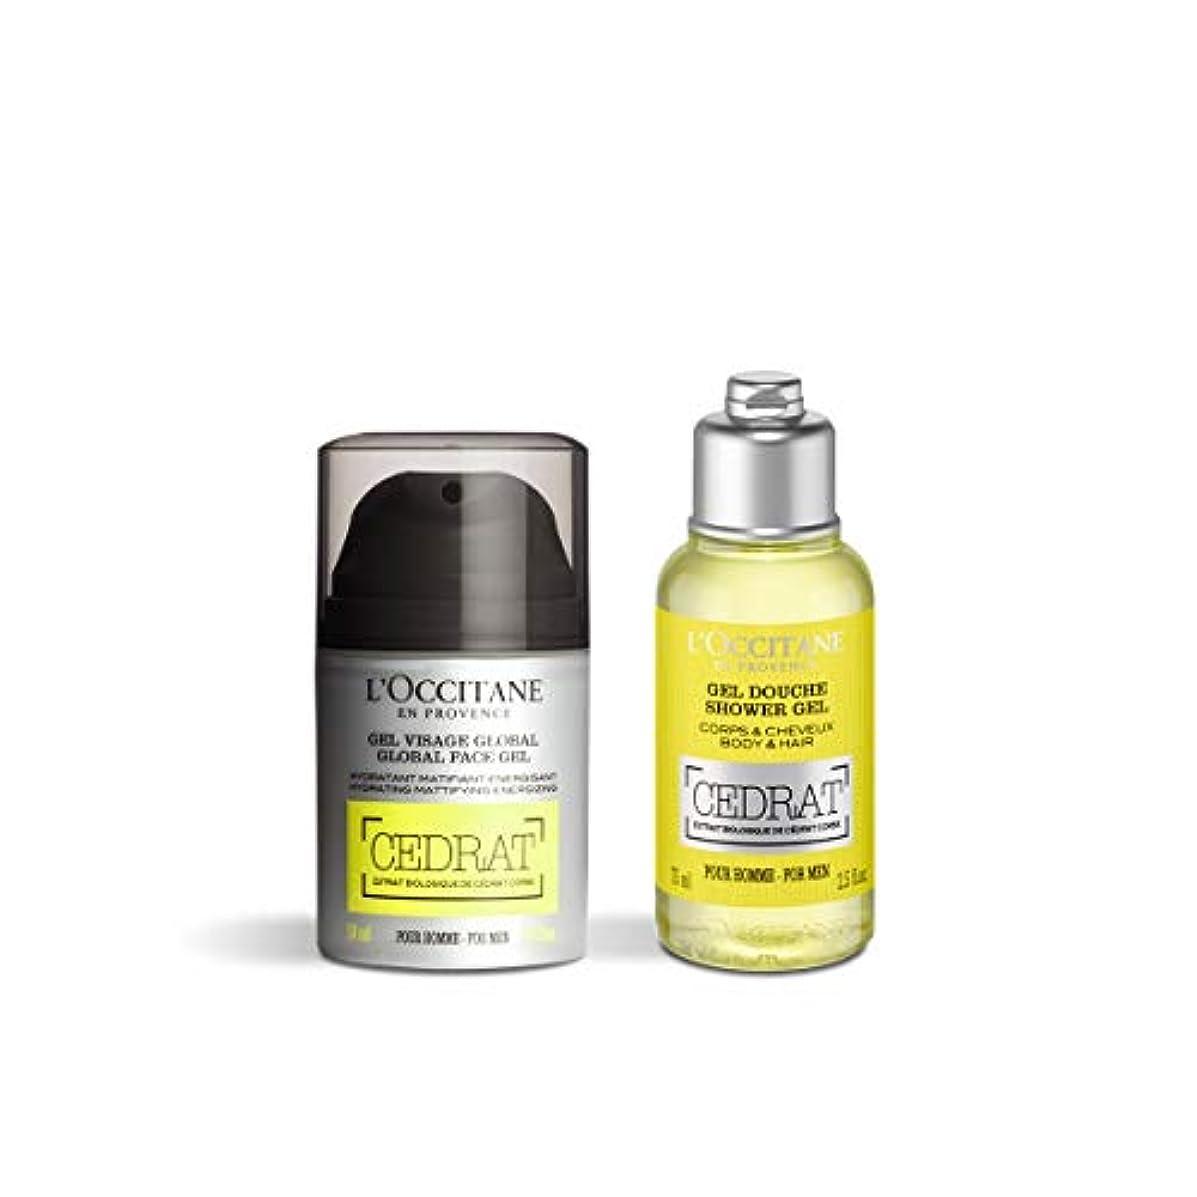 ロクシタン(L'OCCITANE) セドラ リフレッシュキット(ボディ用洗浄料 75ml+洗顔料 50ml)